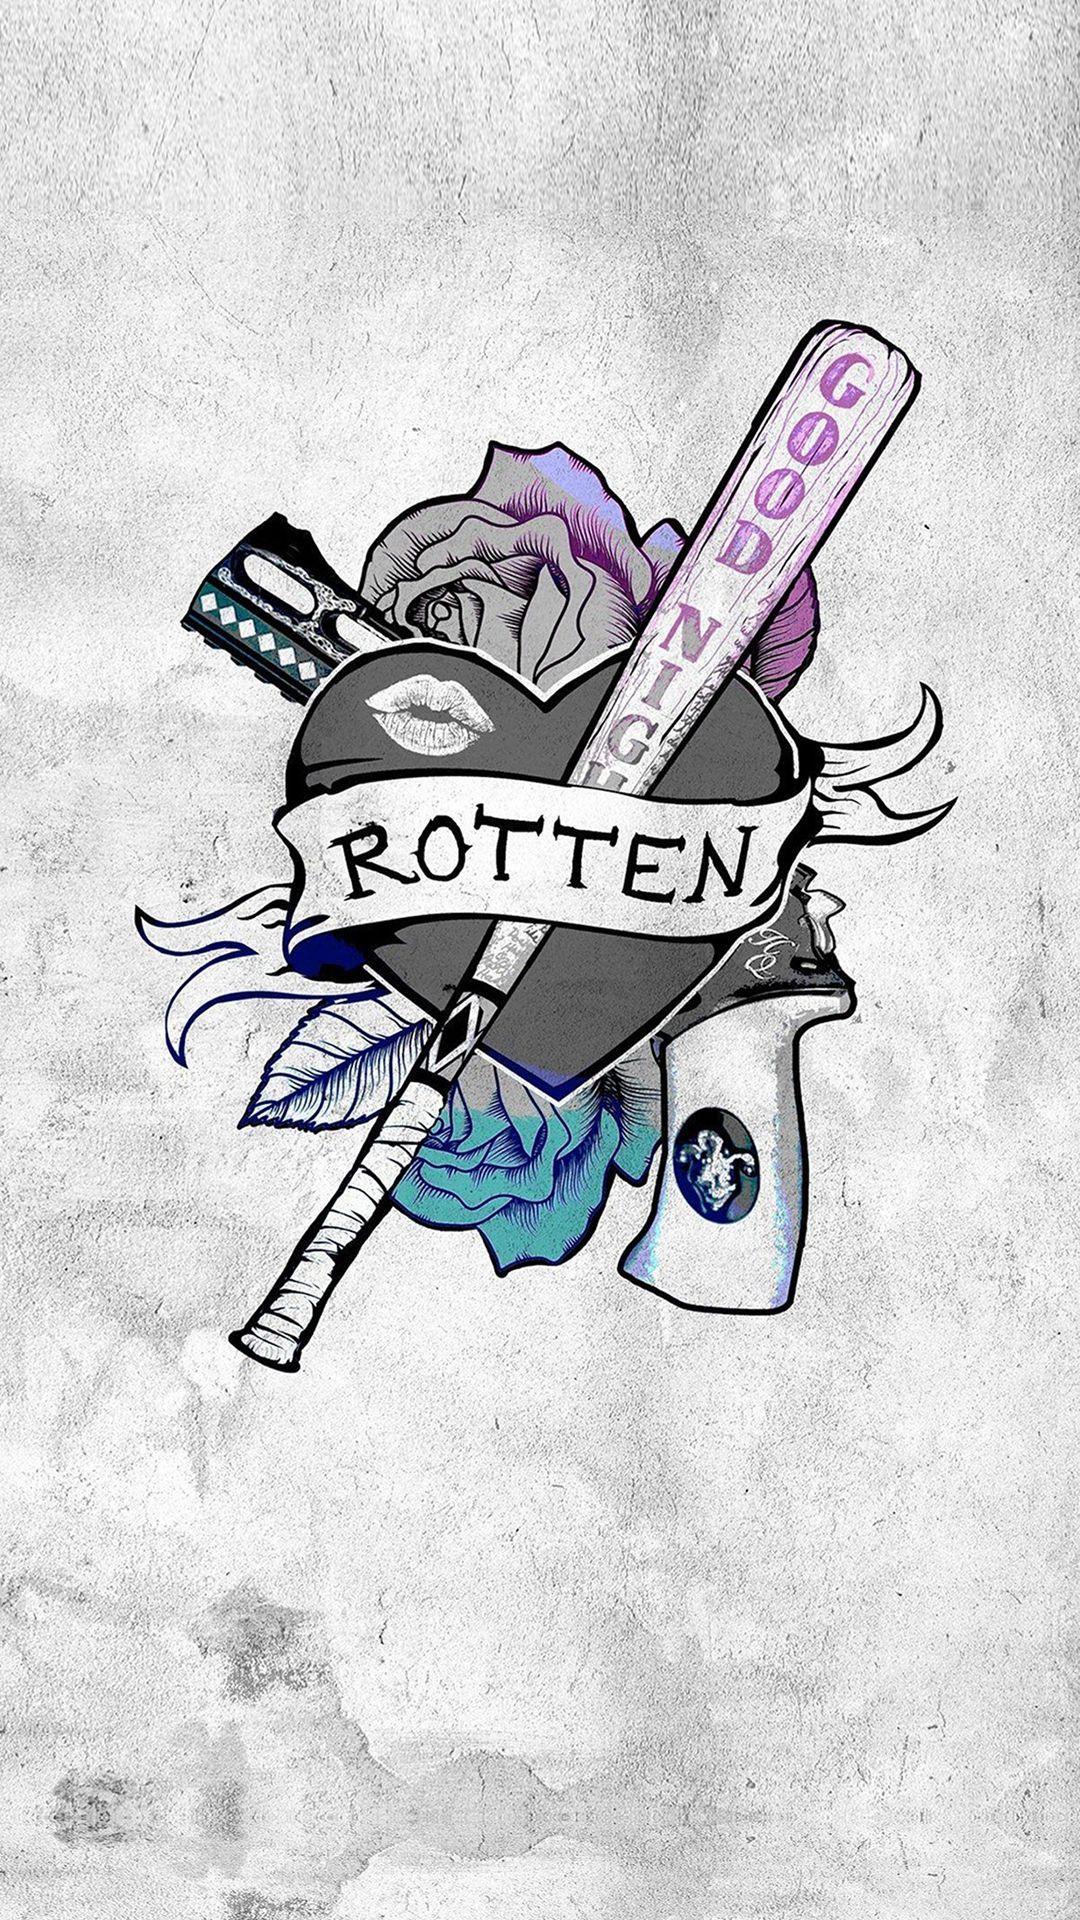 Harley Quinn Logo Wallpaper : harley, quinn, wallpaper, Harley, Quinn, Wallpapers, Backgrounds, WallpaperAccess